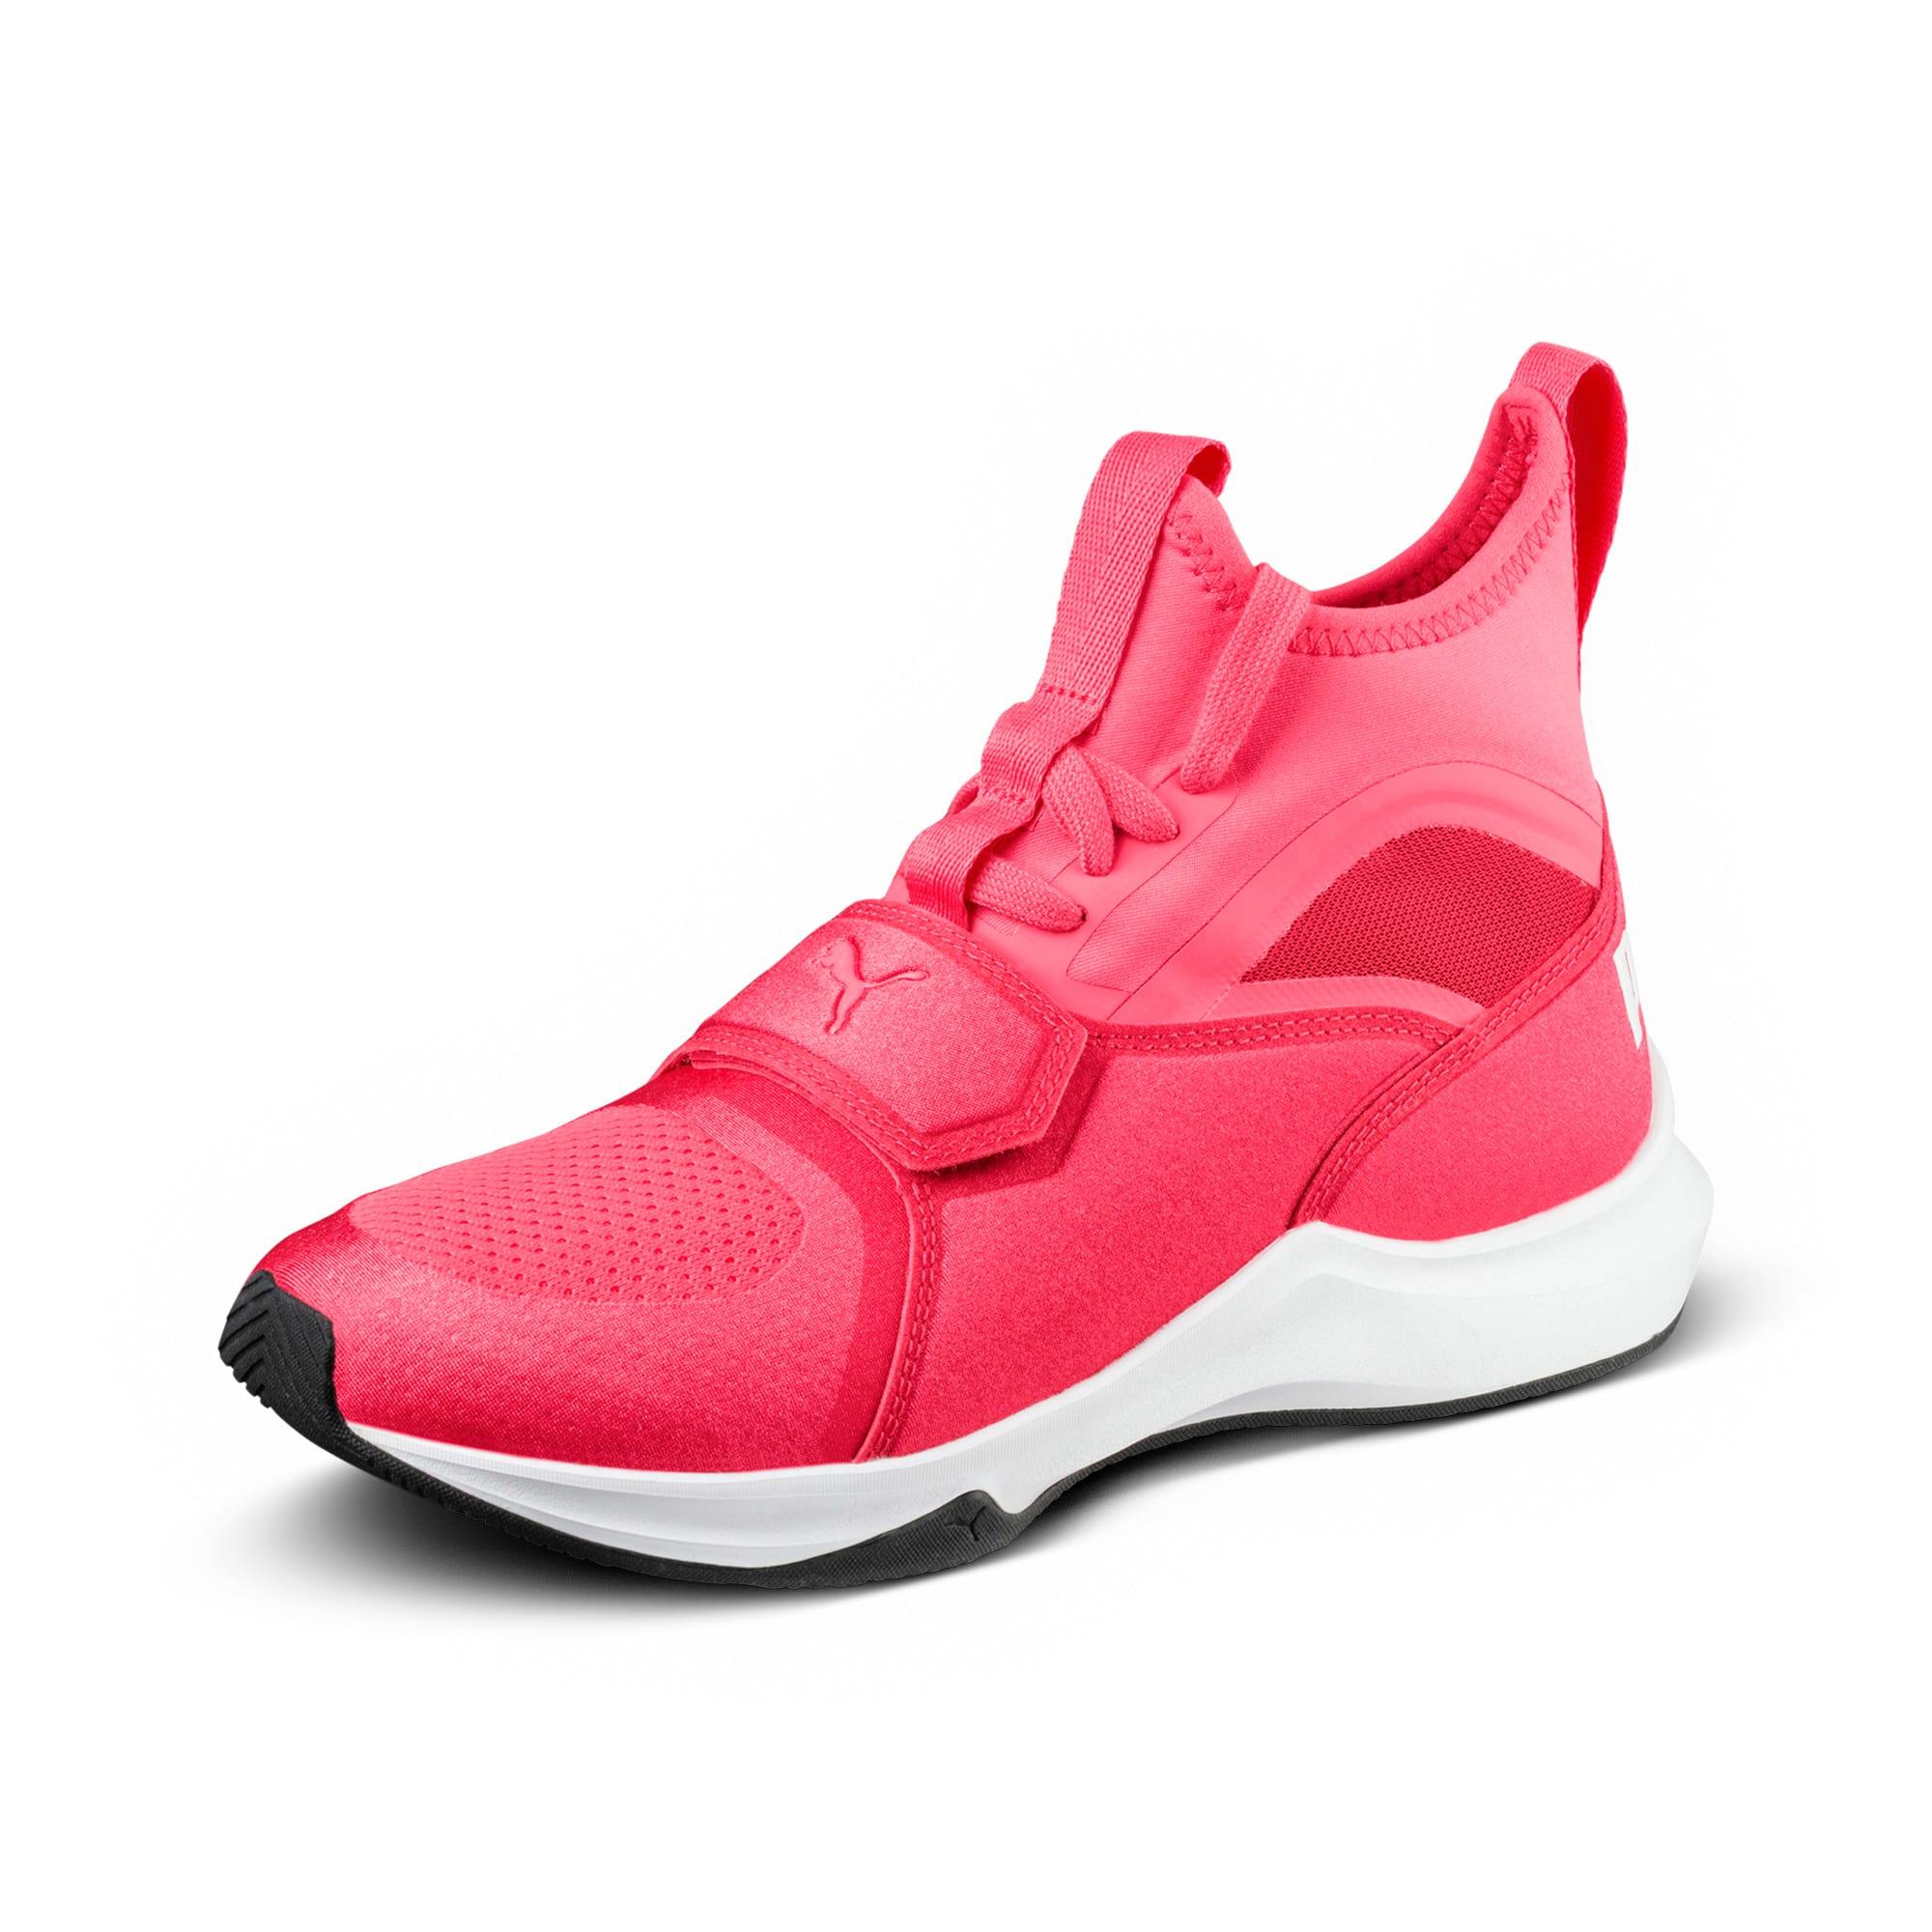 Thumbnail 1 of Phenom Women's Training Shoes, Paradise Pink-Puma White, medium-IND